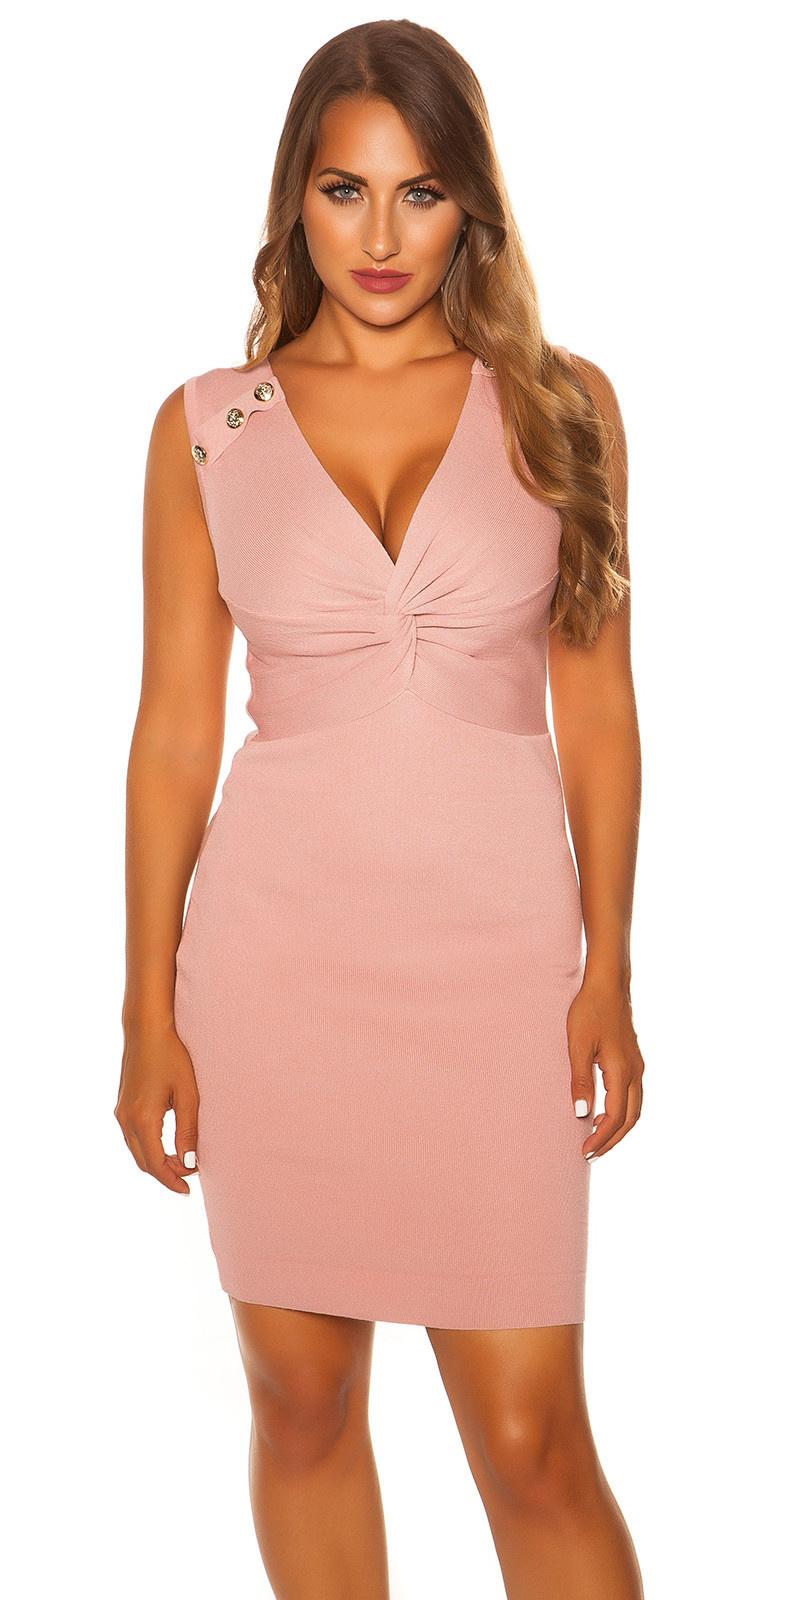 Sexy sleeveless knit dress Rose